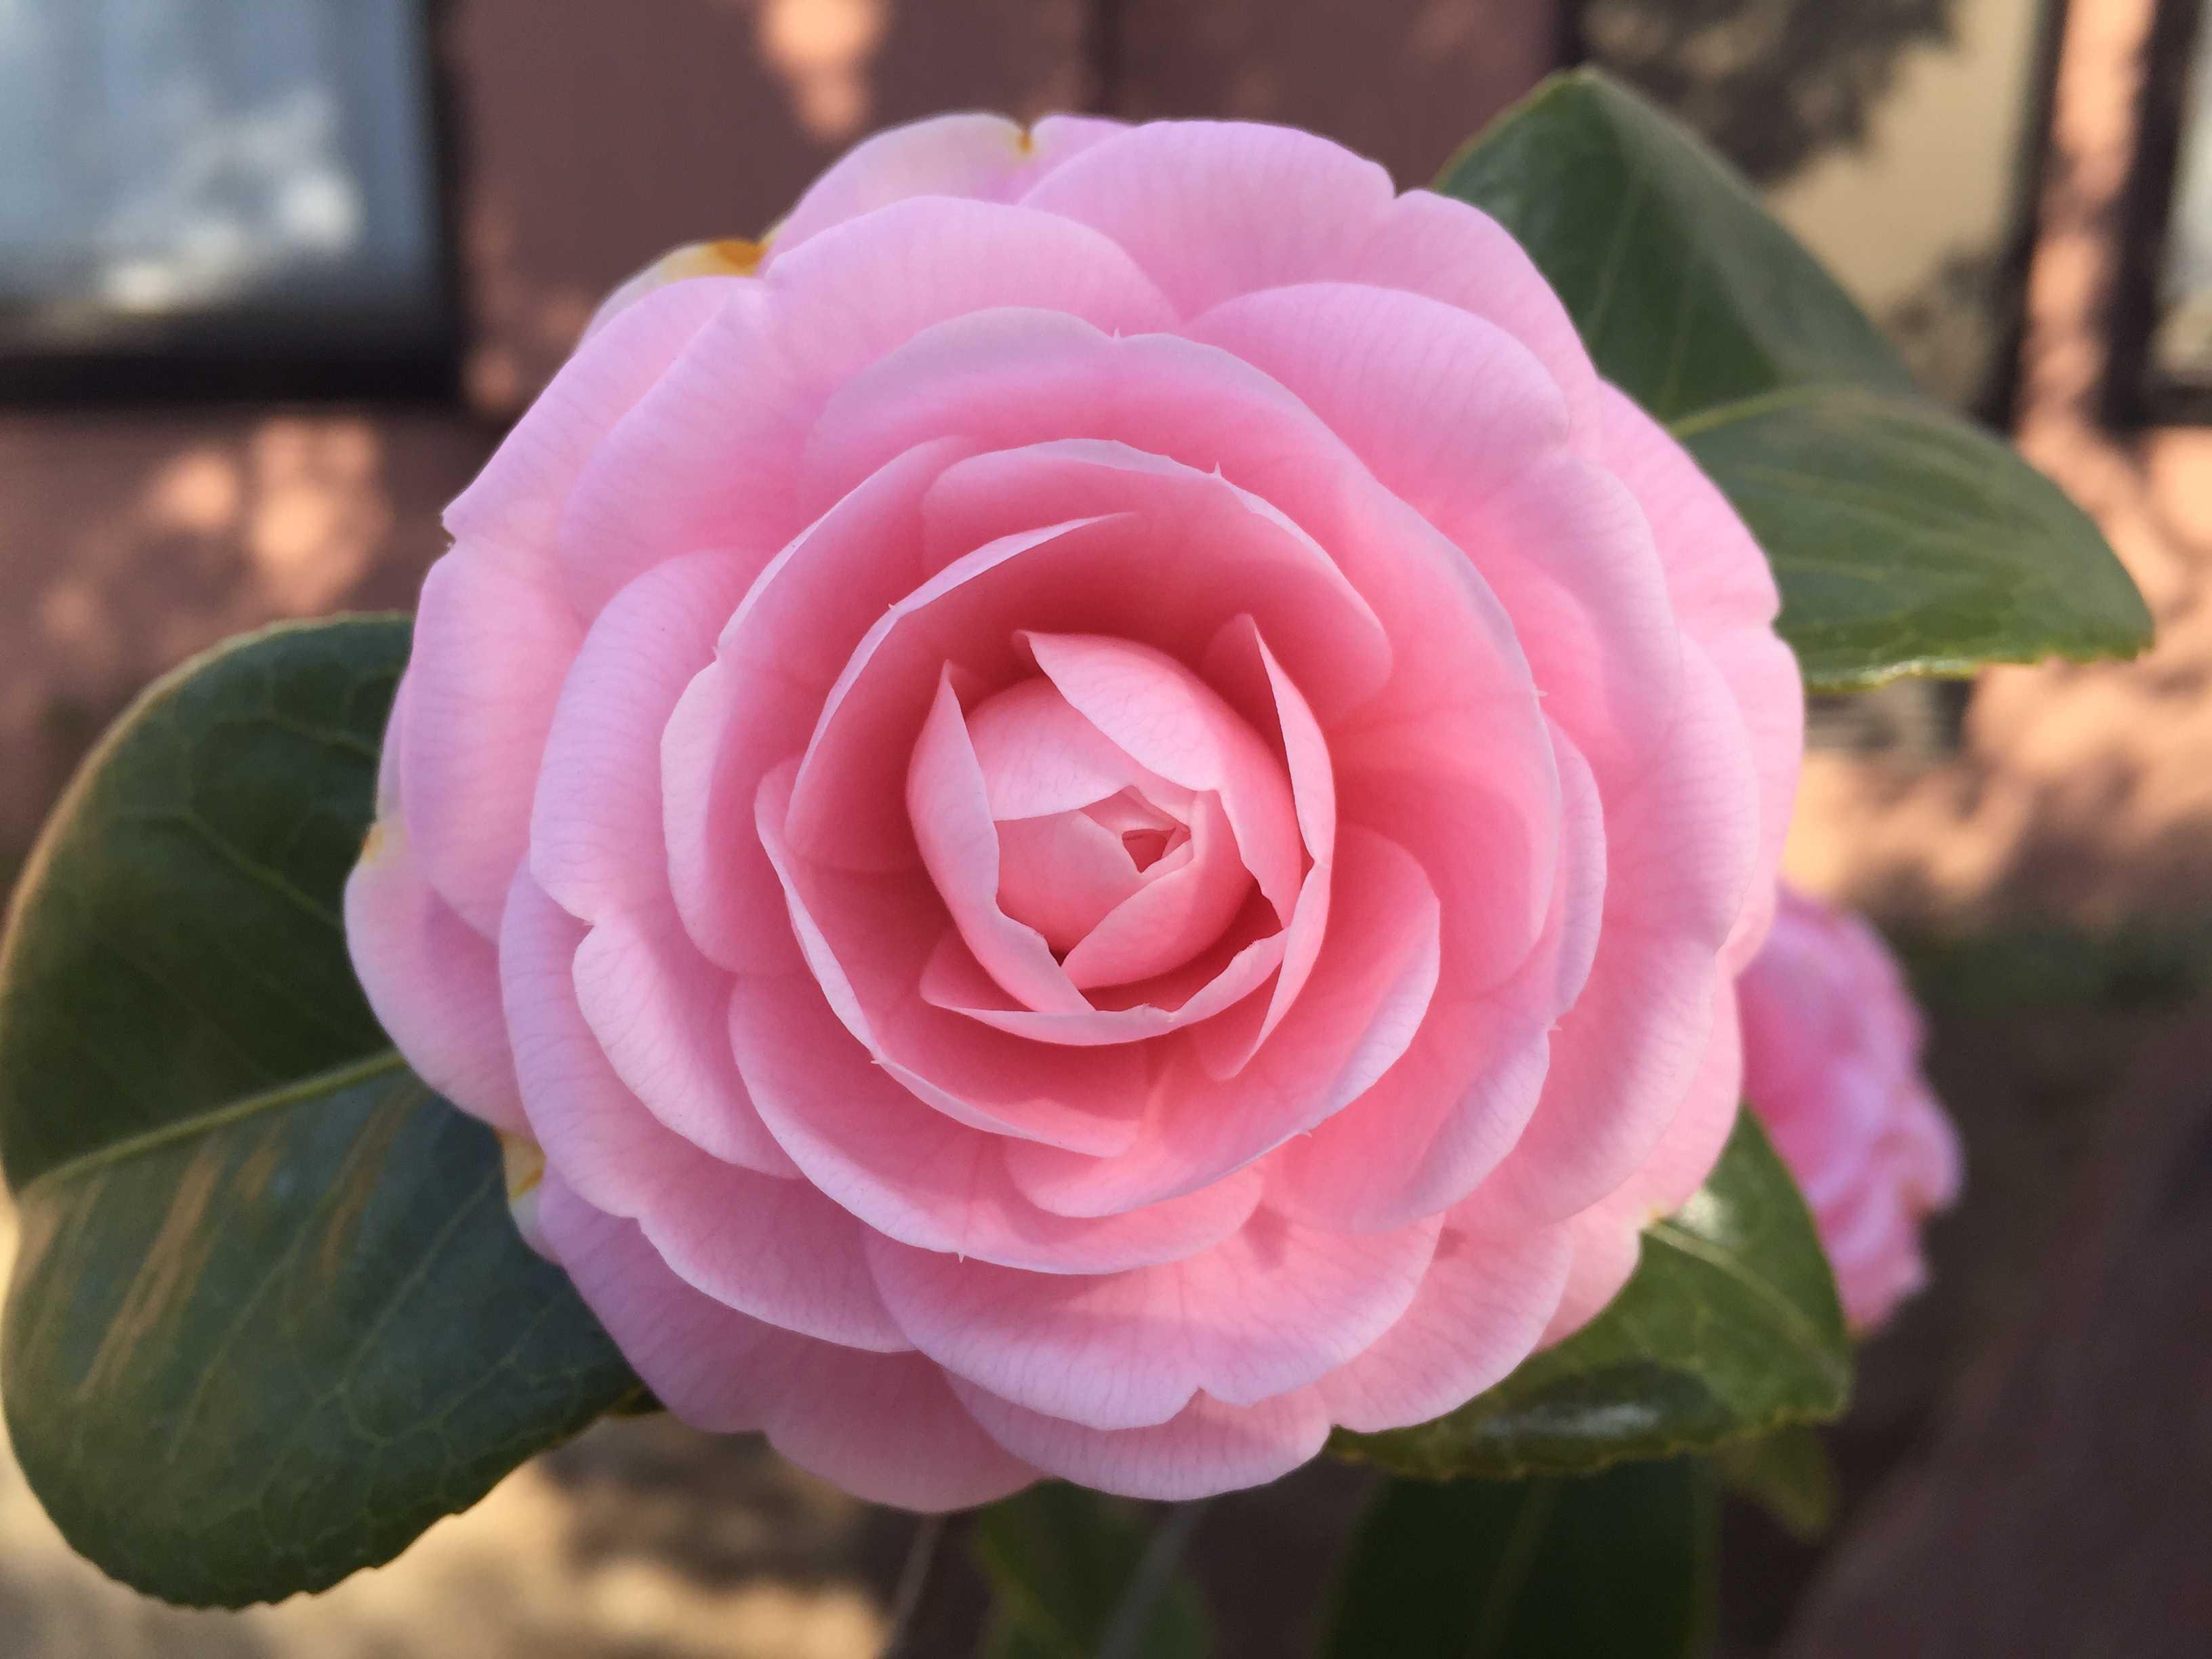 開花した淡乙女(ウスオトメ)の花